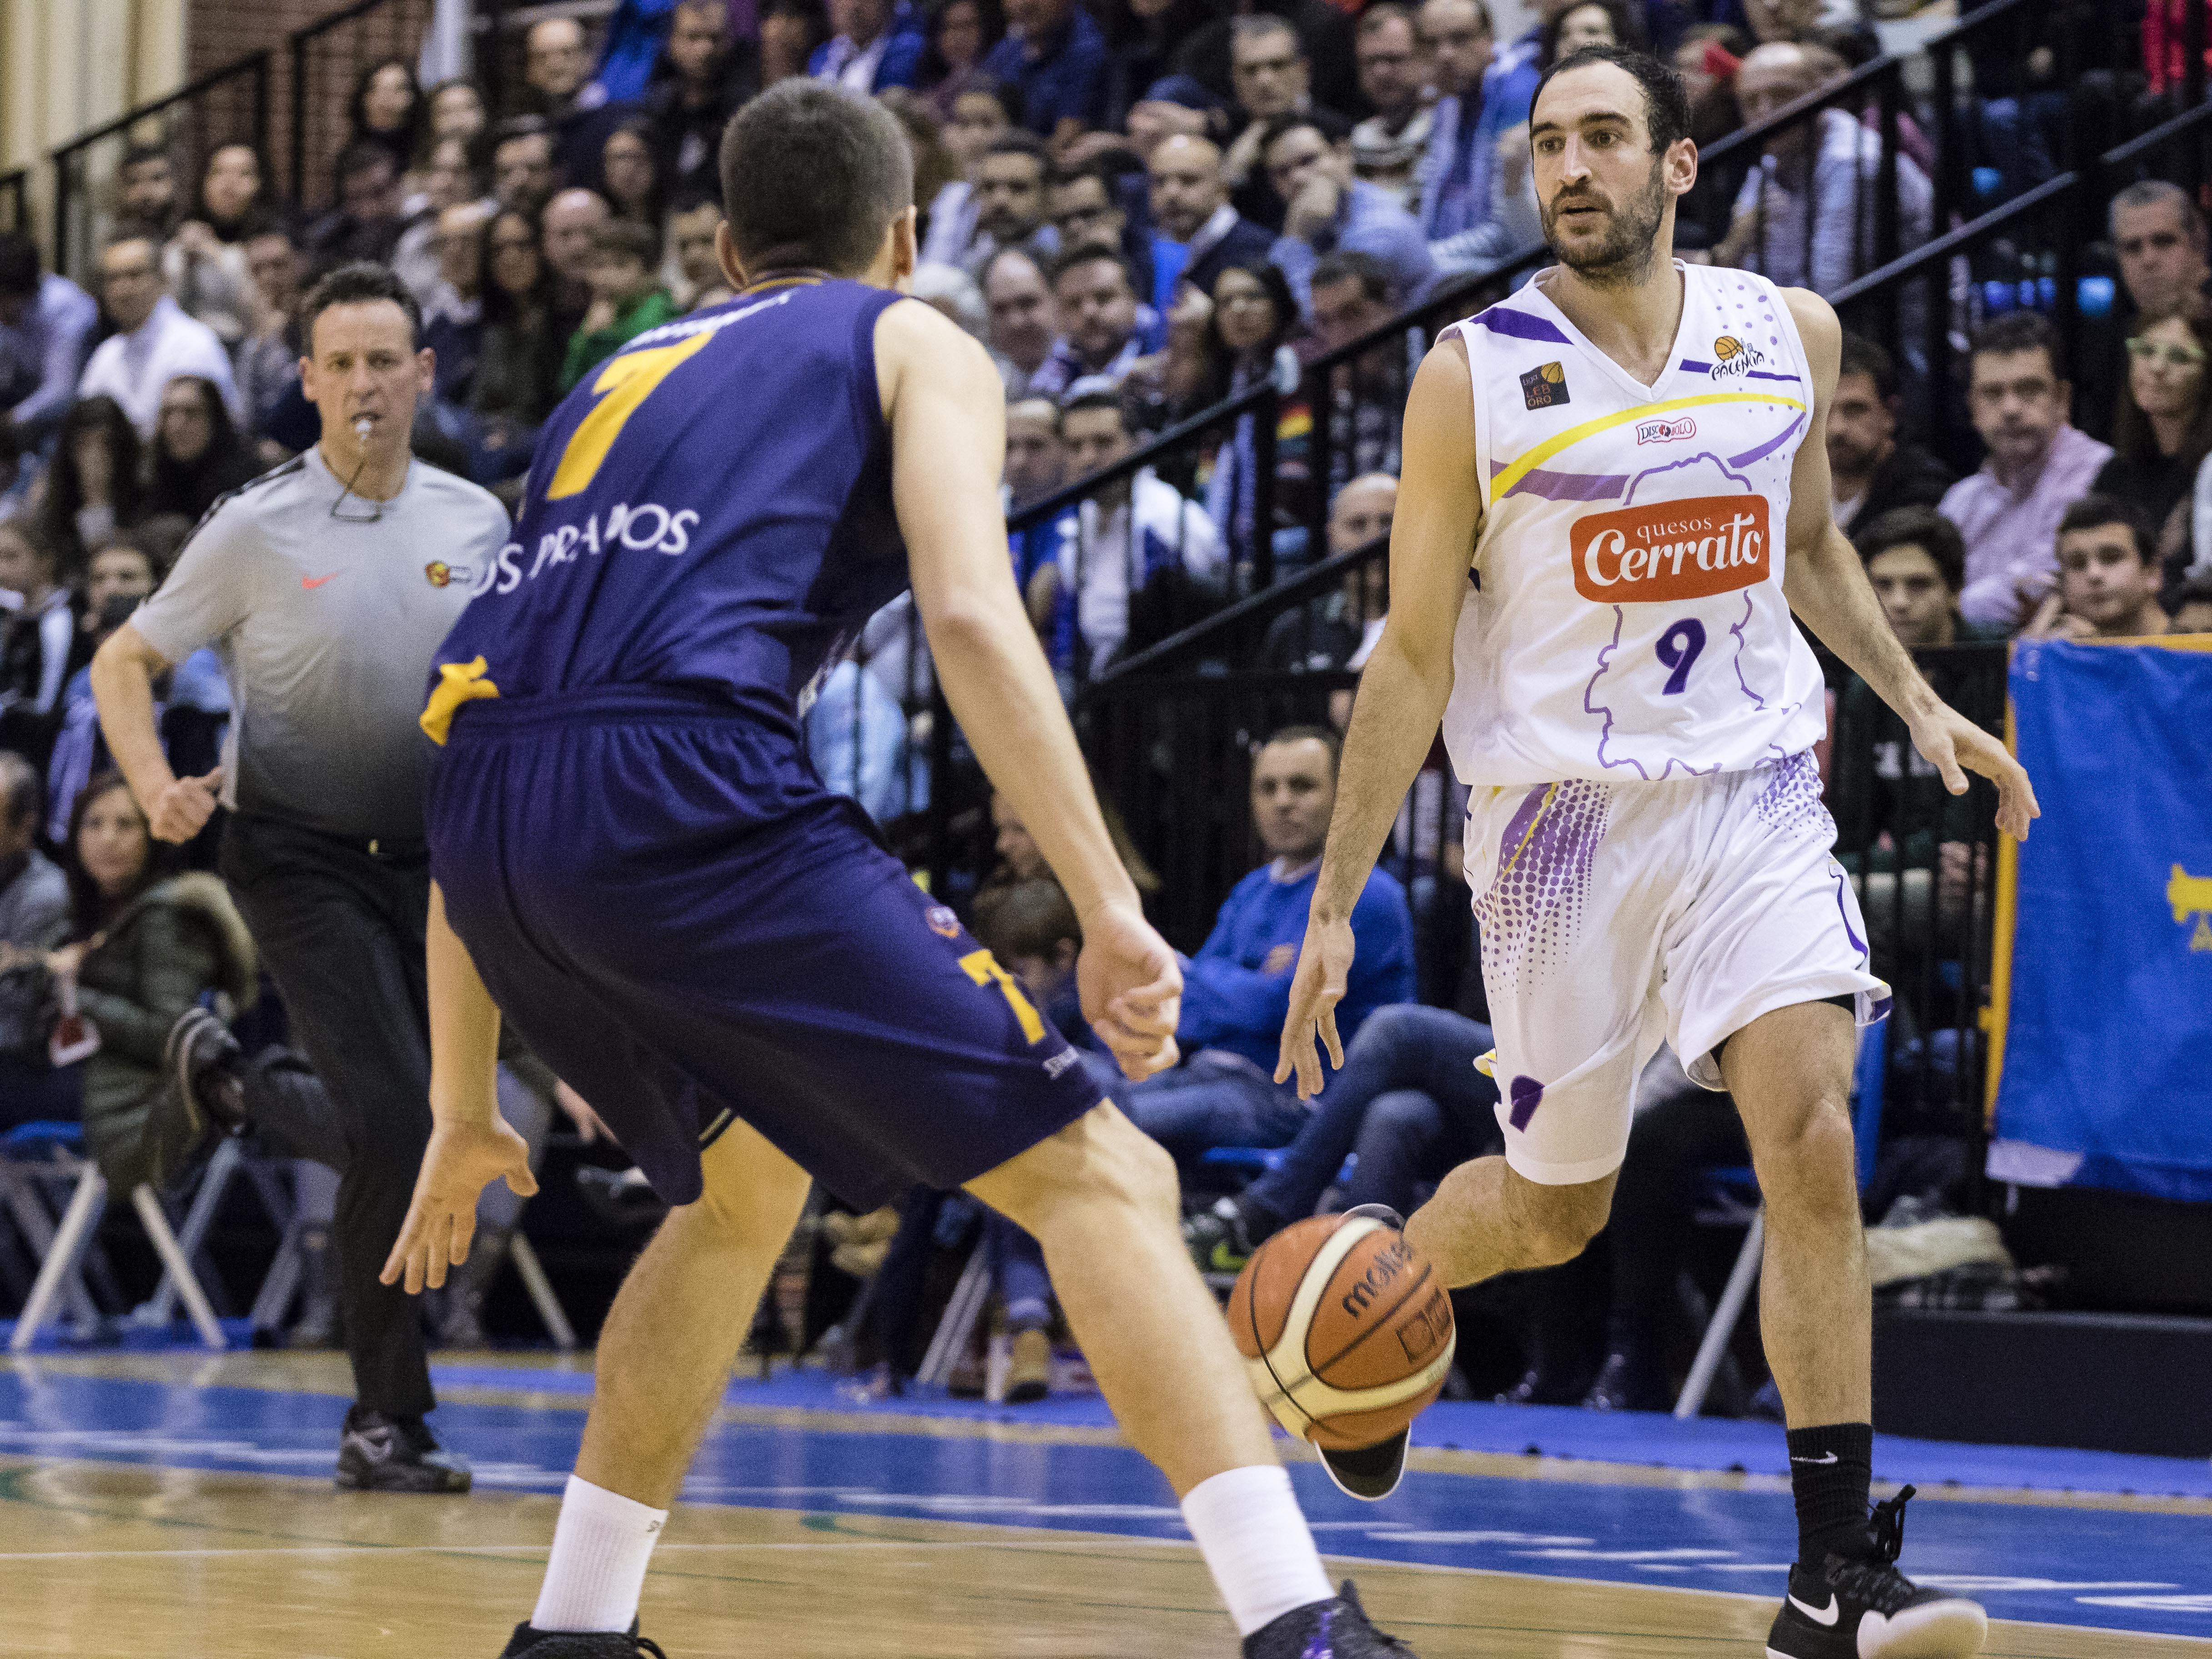 Fabio Santana defendiendo a Dani Rodríguez (Foto: Christian García)